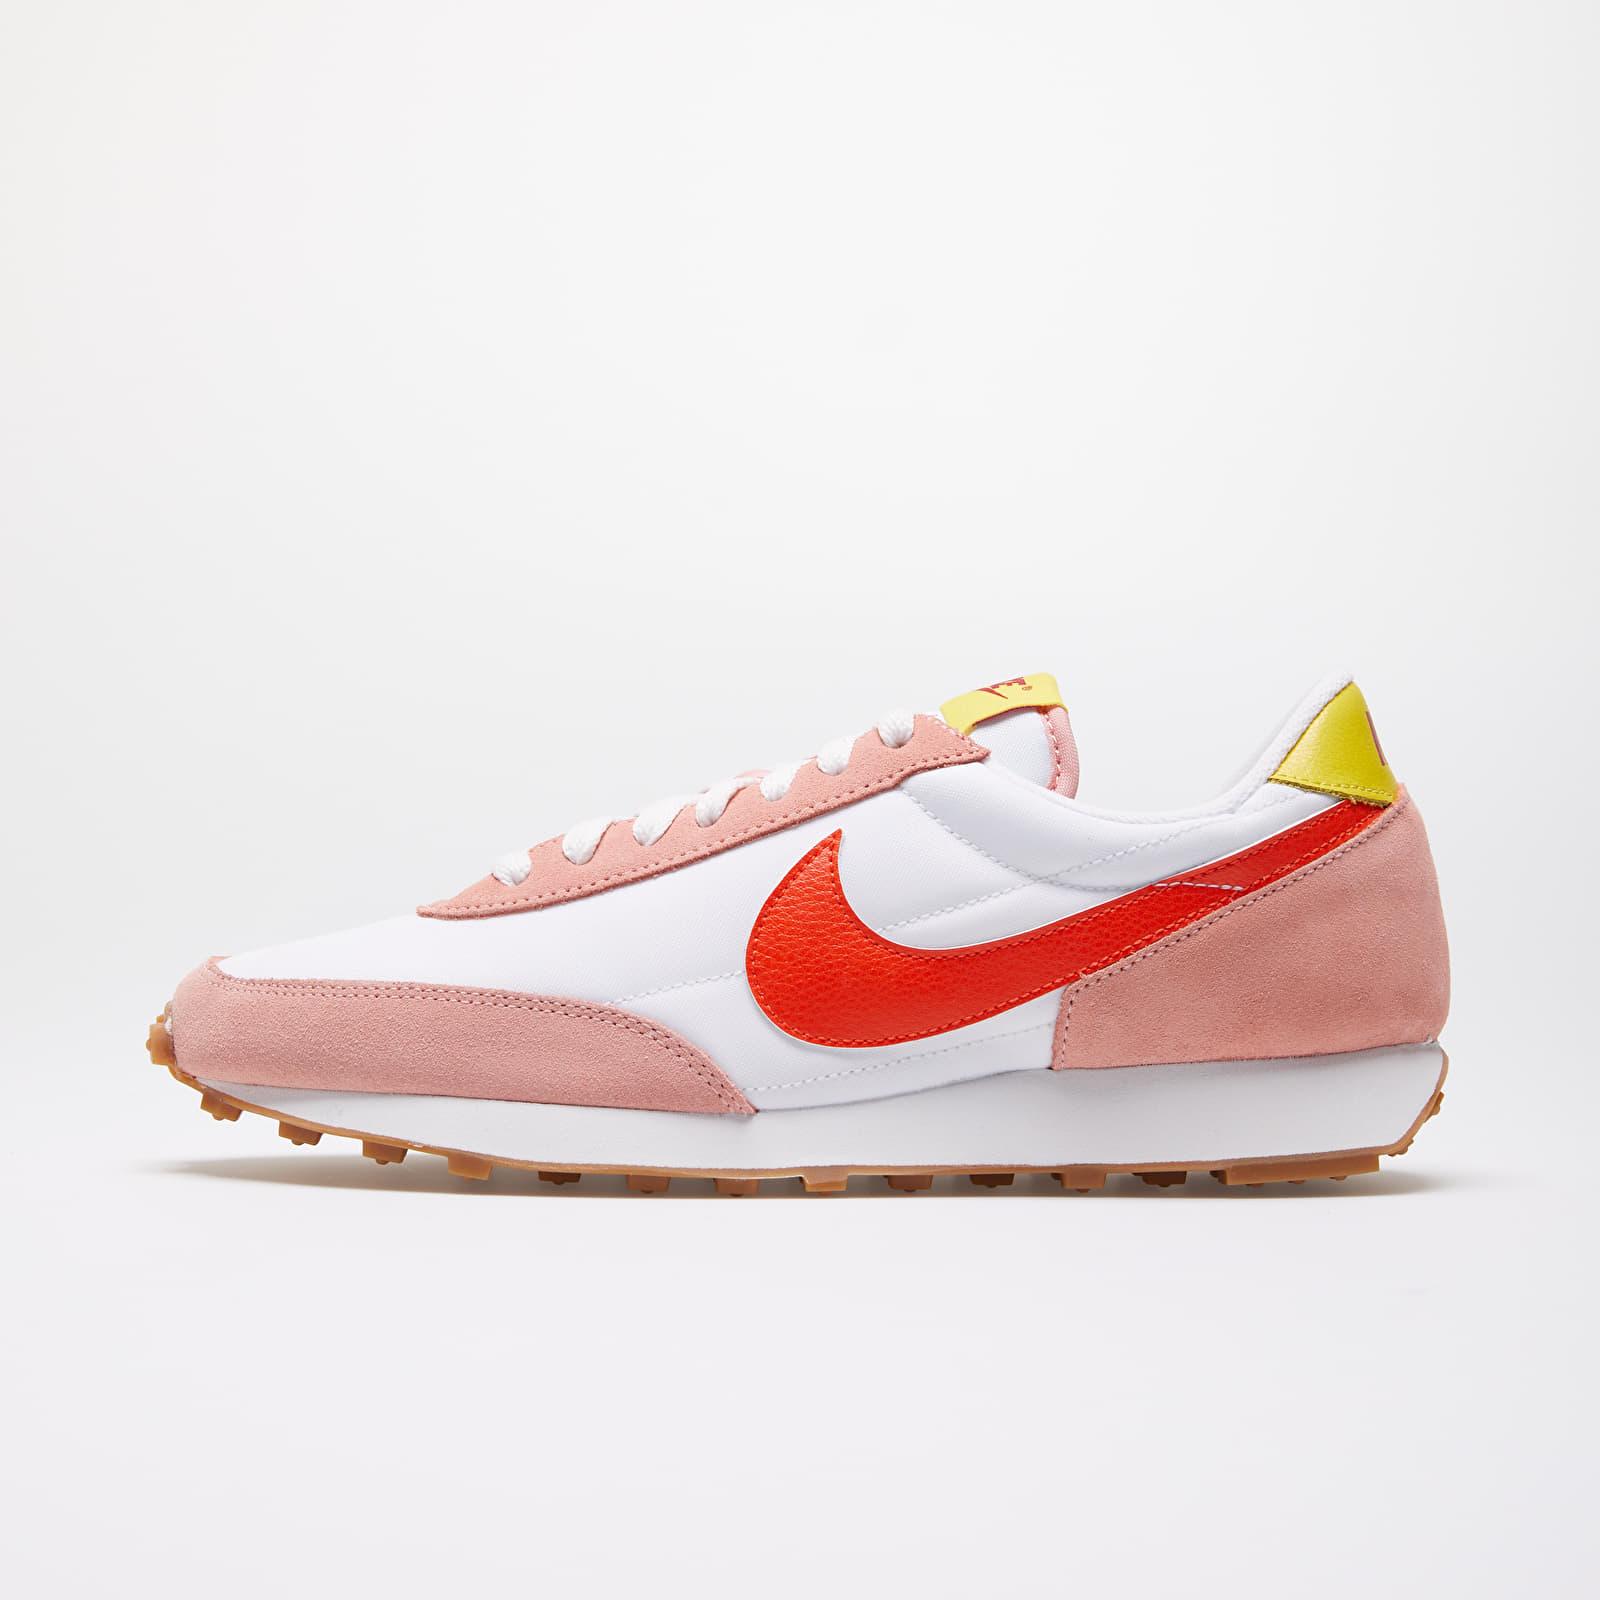 Dámské tenisky a boty Nike W Daybreak Coral Stardust/ Team Orange-Summit White